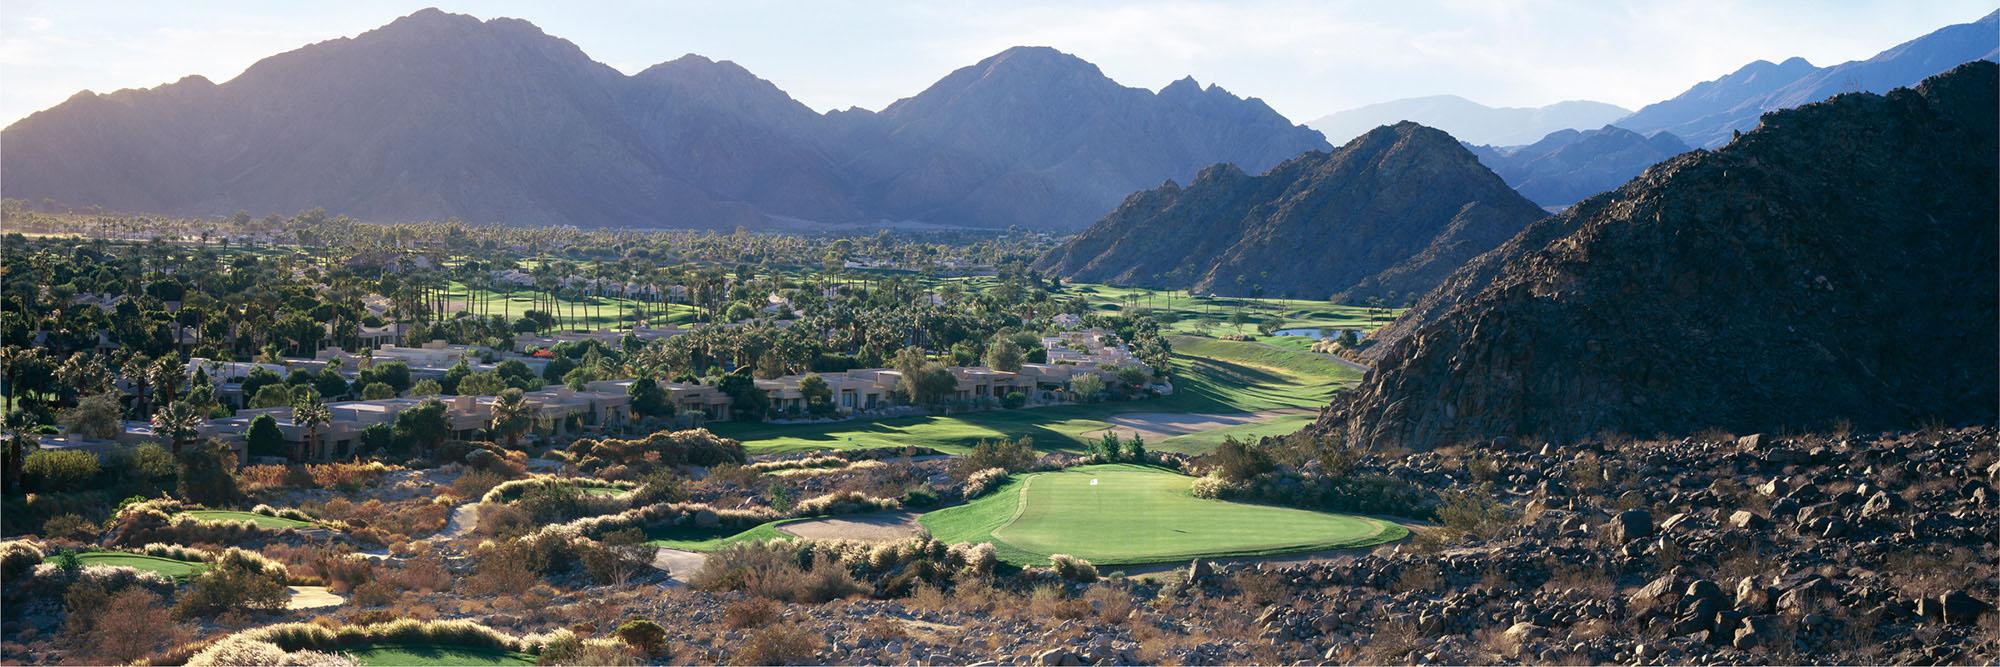 Golf Course Image - La Quinta No. 16